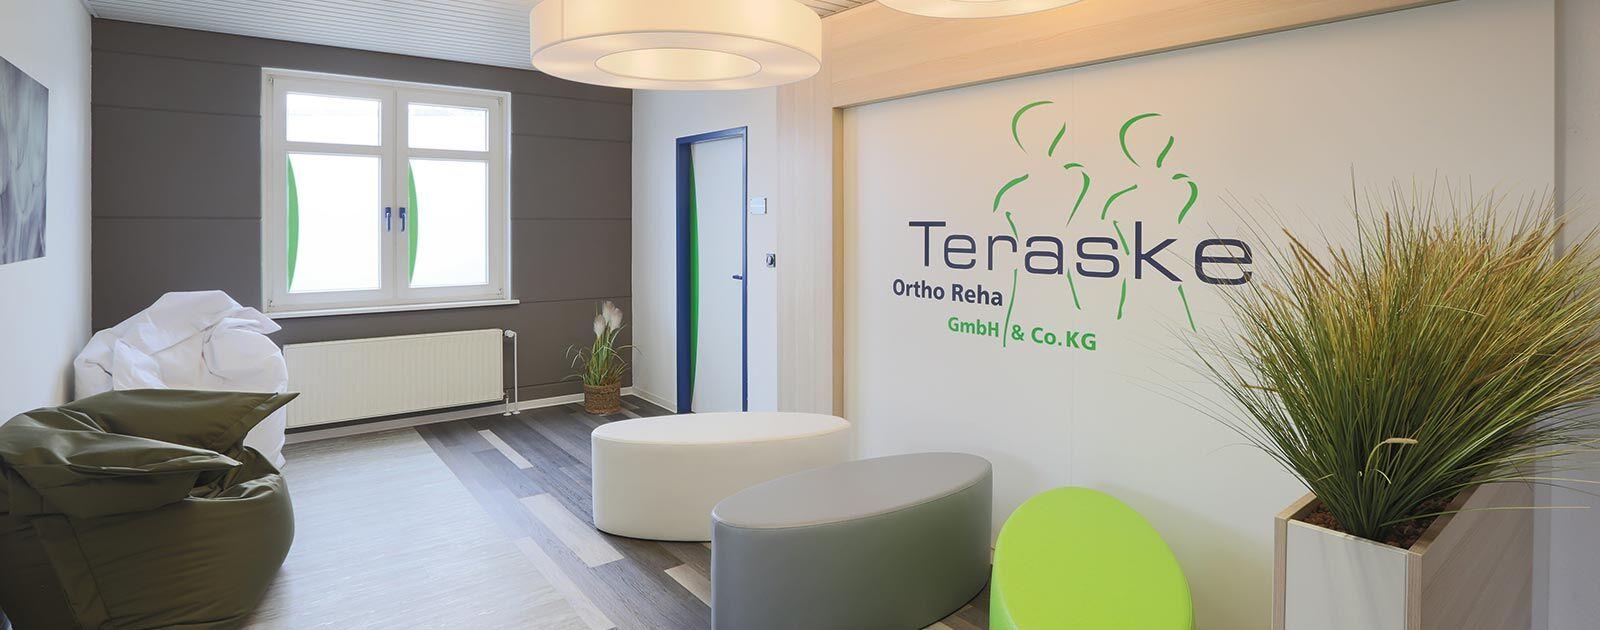 Teraske Verwaltungssitz und Reha-Ausstellung in Hannover Misburg